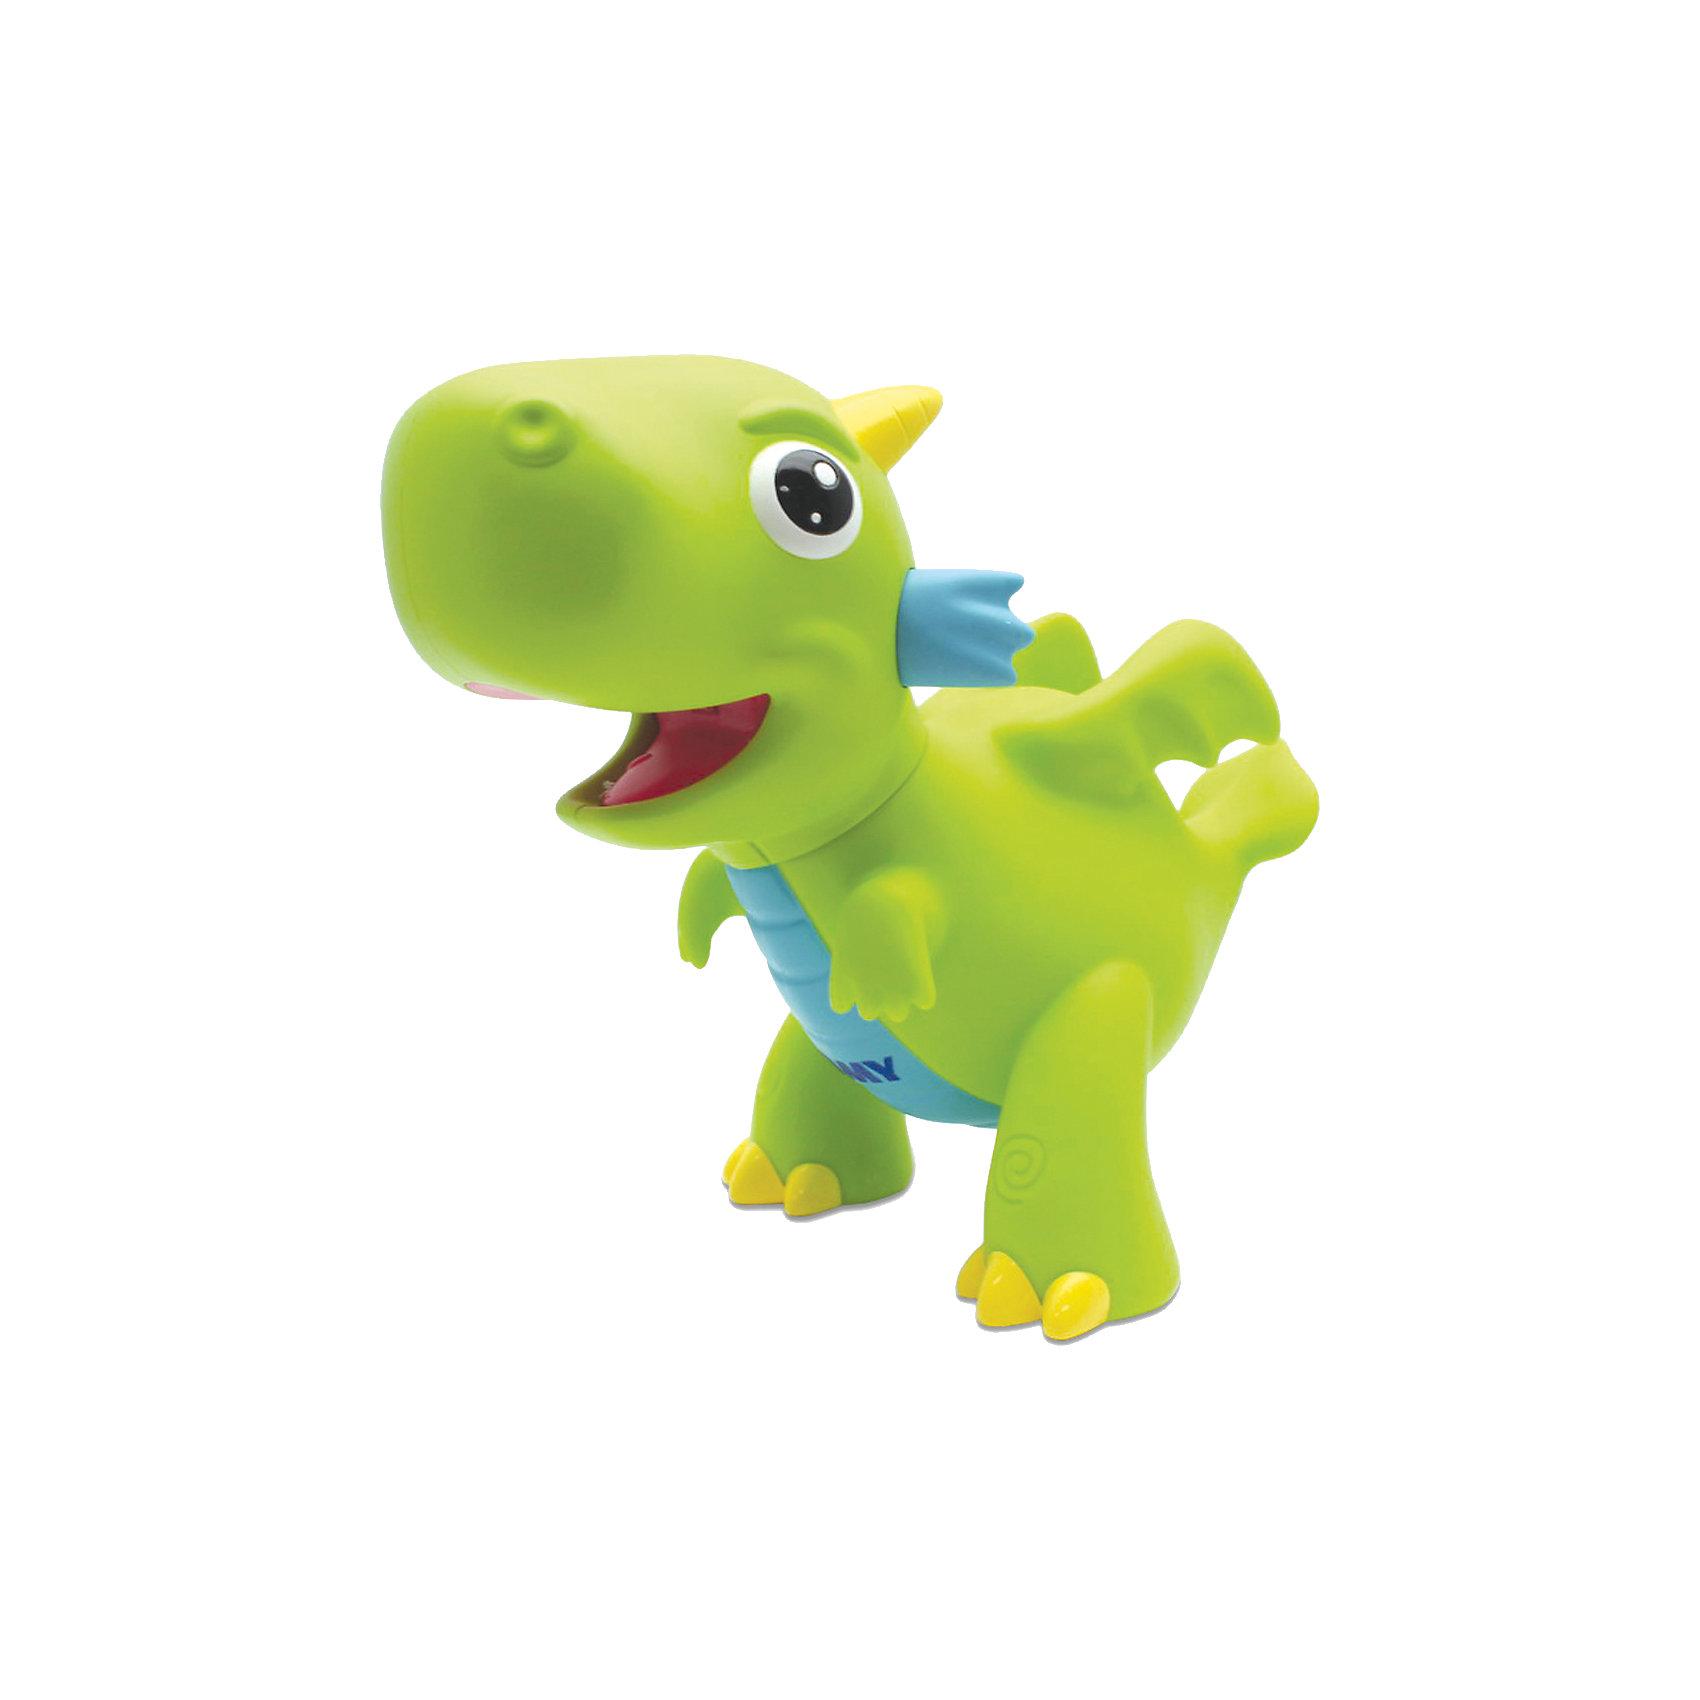 Игрушка  для ванной Водный дракон, TOMYИгрушка для ванны Водный дракон, Tomy (Томи) - забавная яркая игрушка, которая развлечет малыша во время купания. Симпатичный зеленый дракончик выпускает яркое пламя как настоящий сказочный дракон. Погрузите игрушку в воду, а затем нажмите ей на животик - из пасти дракончика будут вырываться струи воды с яркой красной подсветкой, что вызовет восторг у Вашего ребенка.<br><br>Дополнительная информация:<br><br>- Материал: пластик.<br>- Требуются батарейки: 3 х LR44 (входят в комплект).<br>- Размер игрушки: 14,5 x 8,2 x 12,7 см. <br>- Вес: 132 гр.<br><br> Игрушку для ванны Водный дракон, Tomy (Томи), можно купить в нашем интернет-магазине.<br><br>Ширина мм: 228<br>Глубина мм: 192<br>Высота мм: 126<br>Вес г: 237<br>Возраст от месяцев: 18<br>Возраст до месяцев: 36<br>Пол: Унисекс<br>Возраст: Детский<br>SKU: 3965959